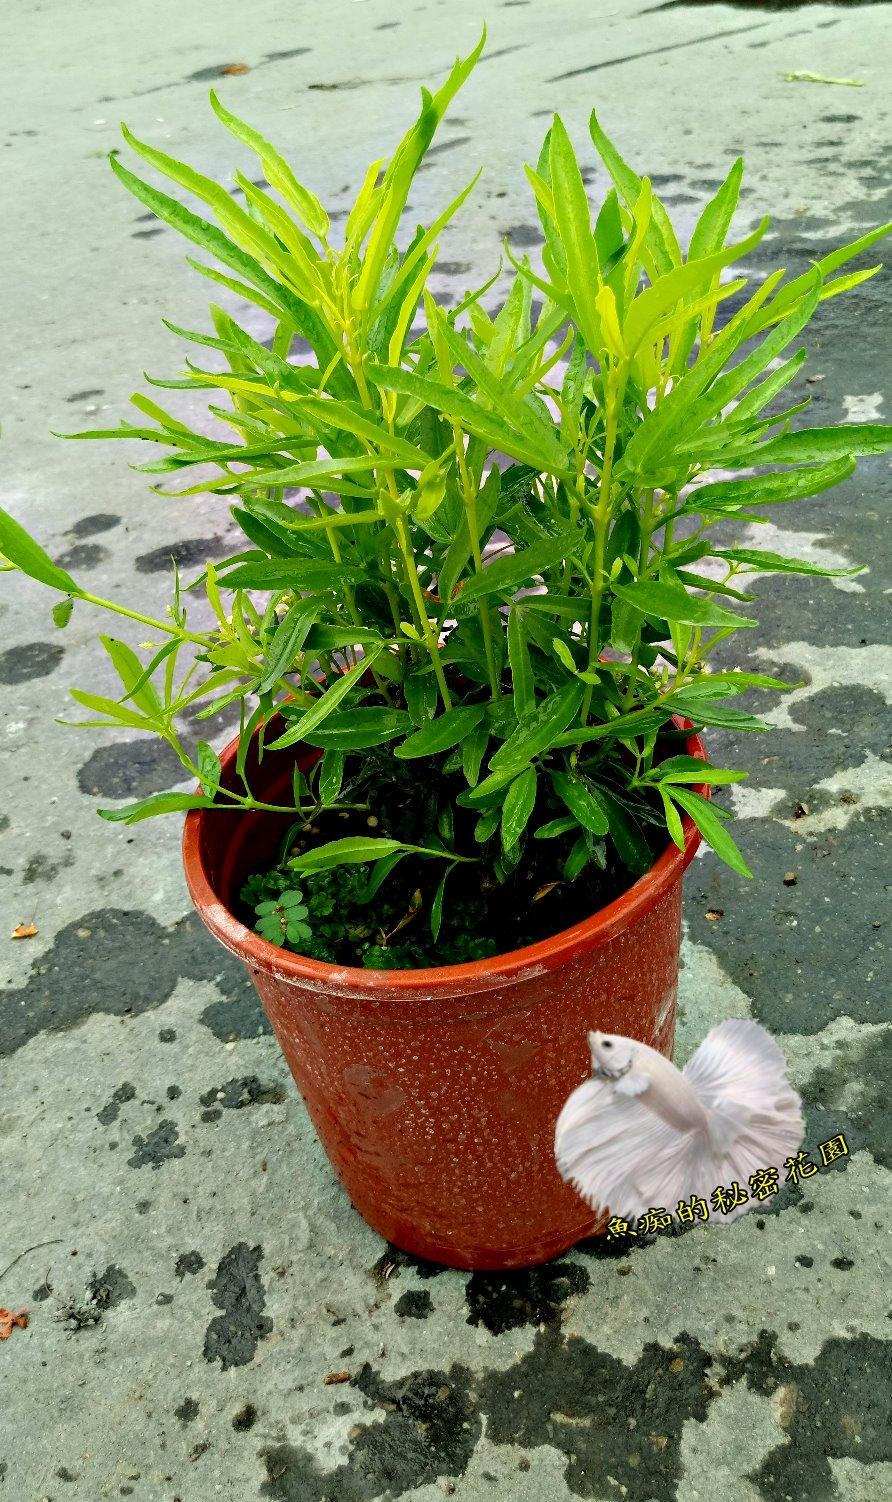 活體印尼驅蚊樹室外植物5-6吋盆栽送禮小品盆栽